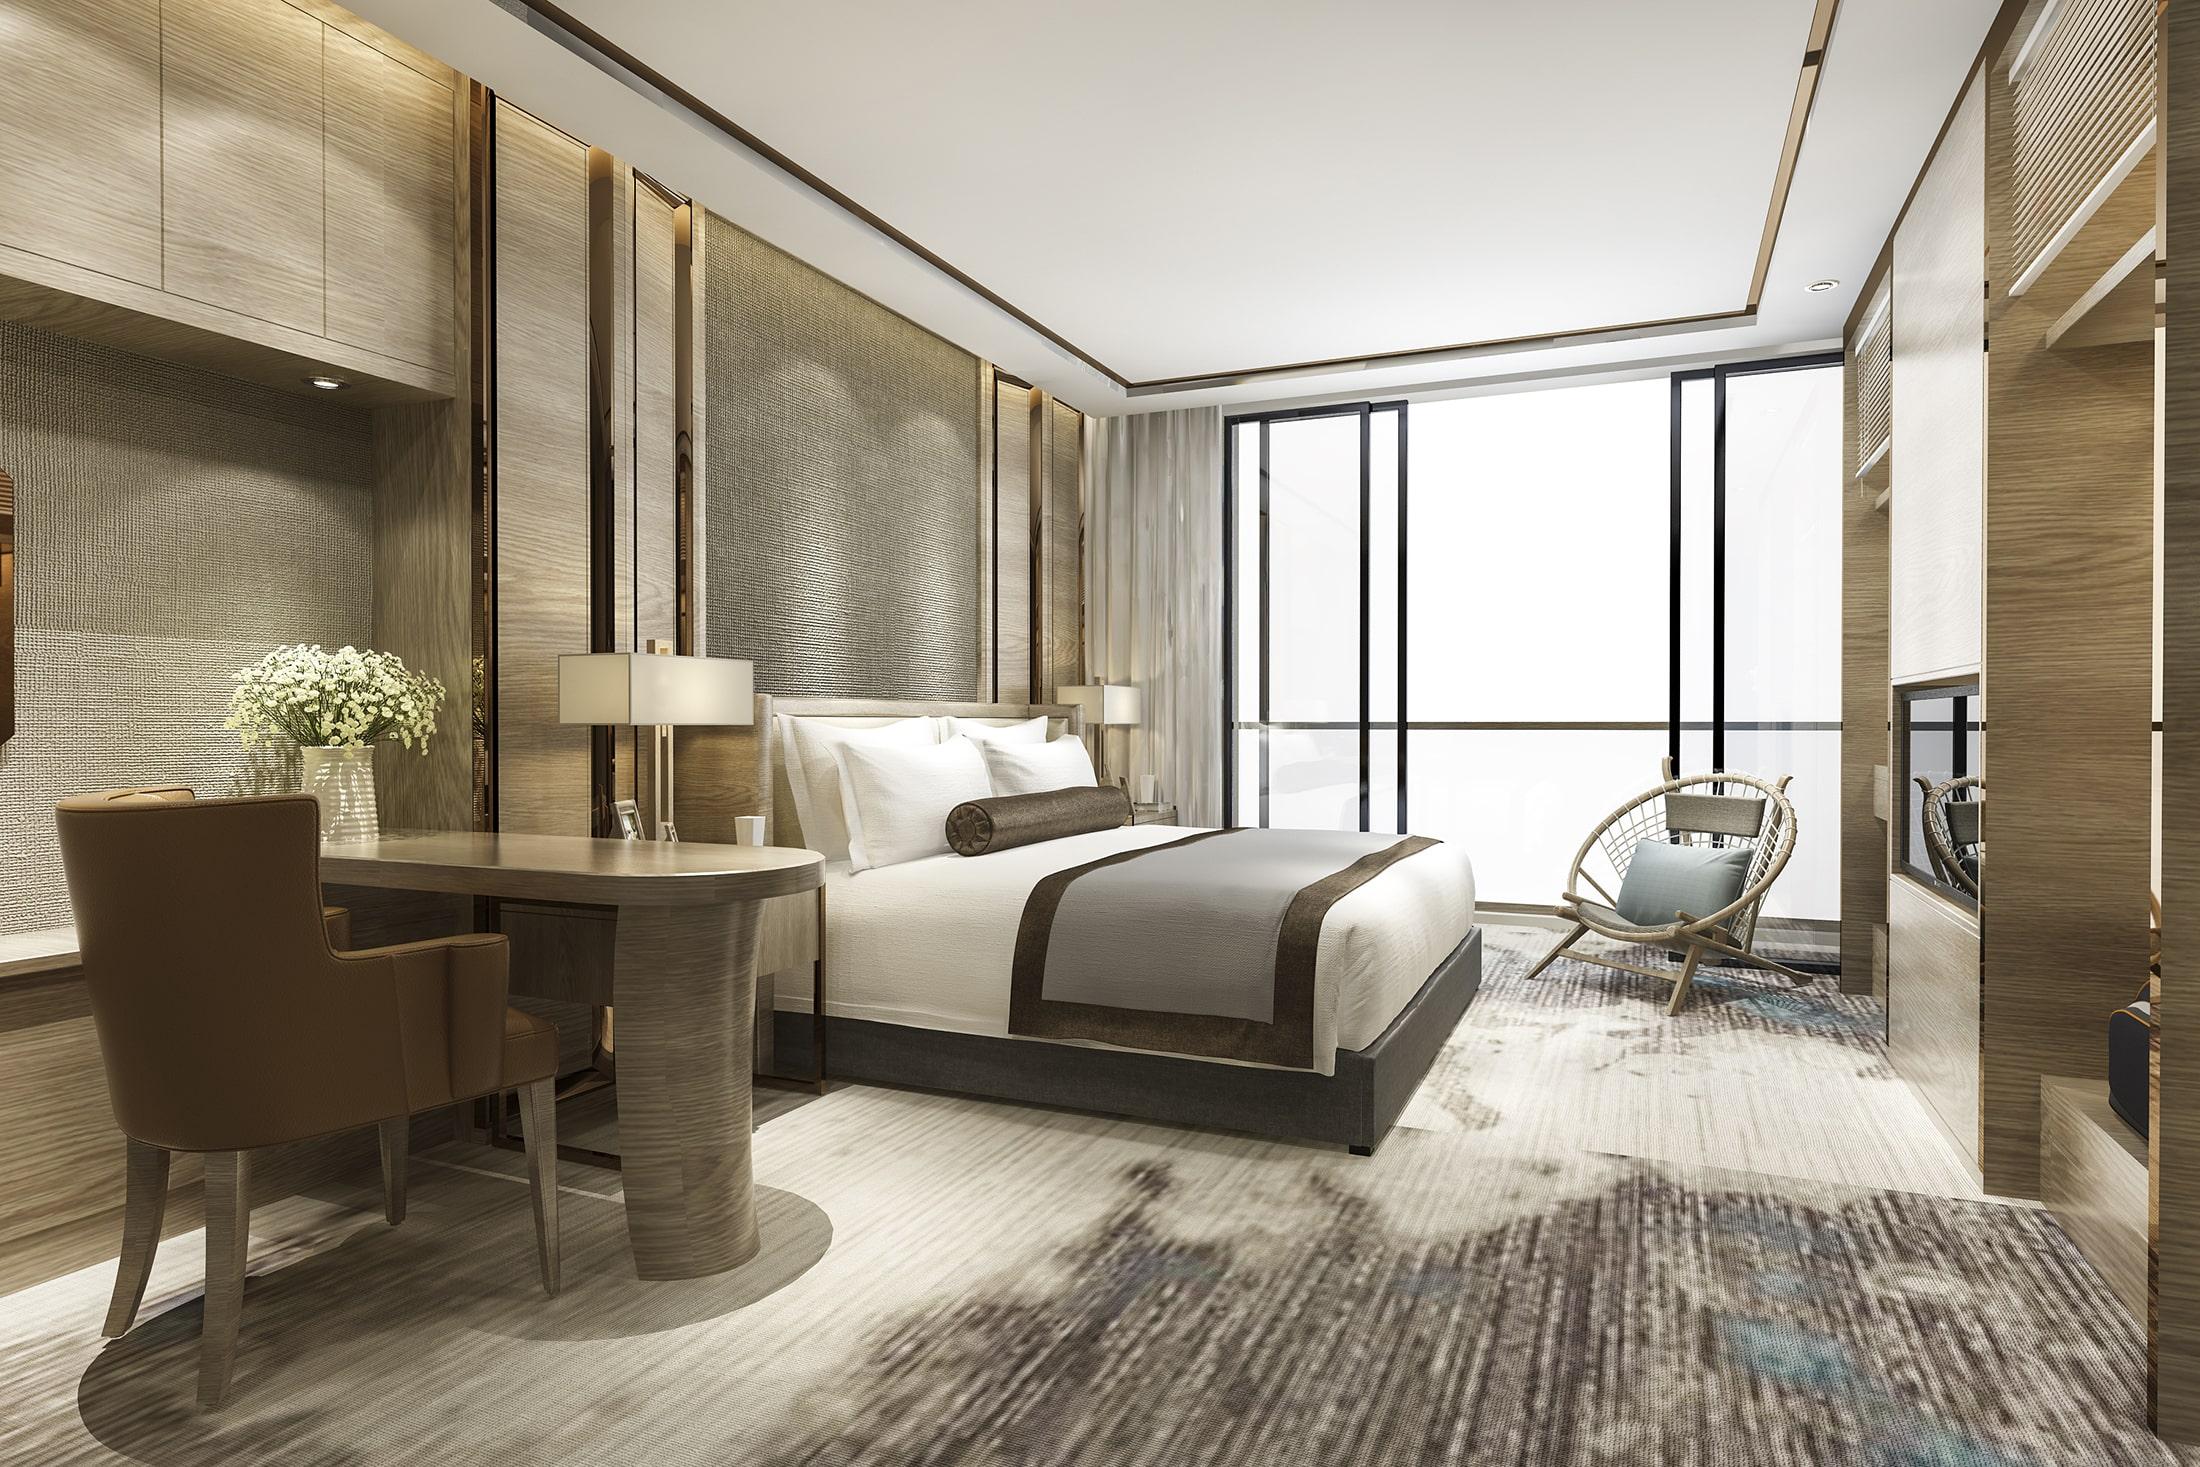 Hotelzimmer im Loft Interior